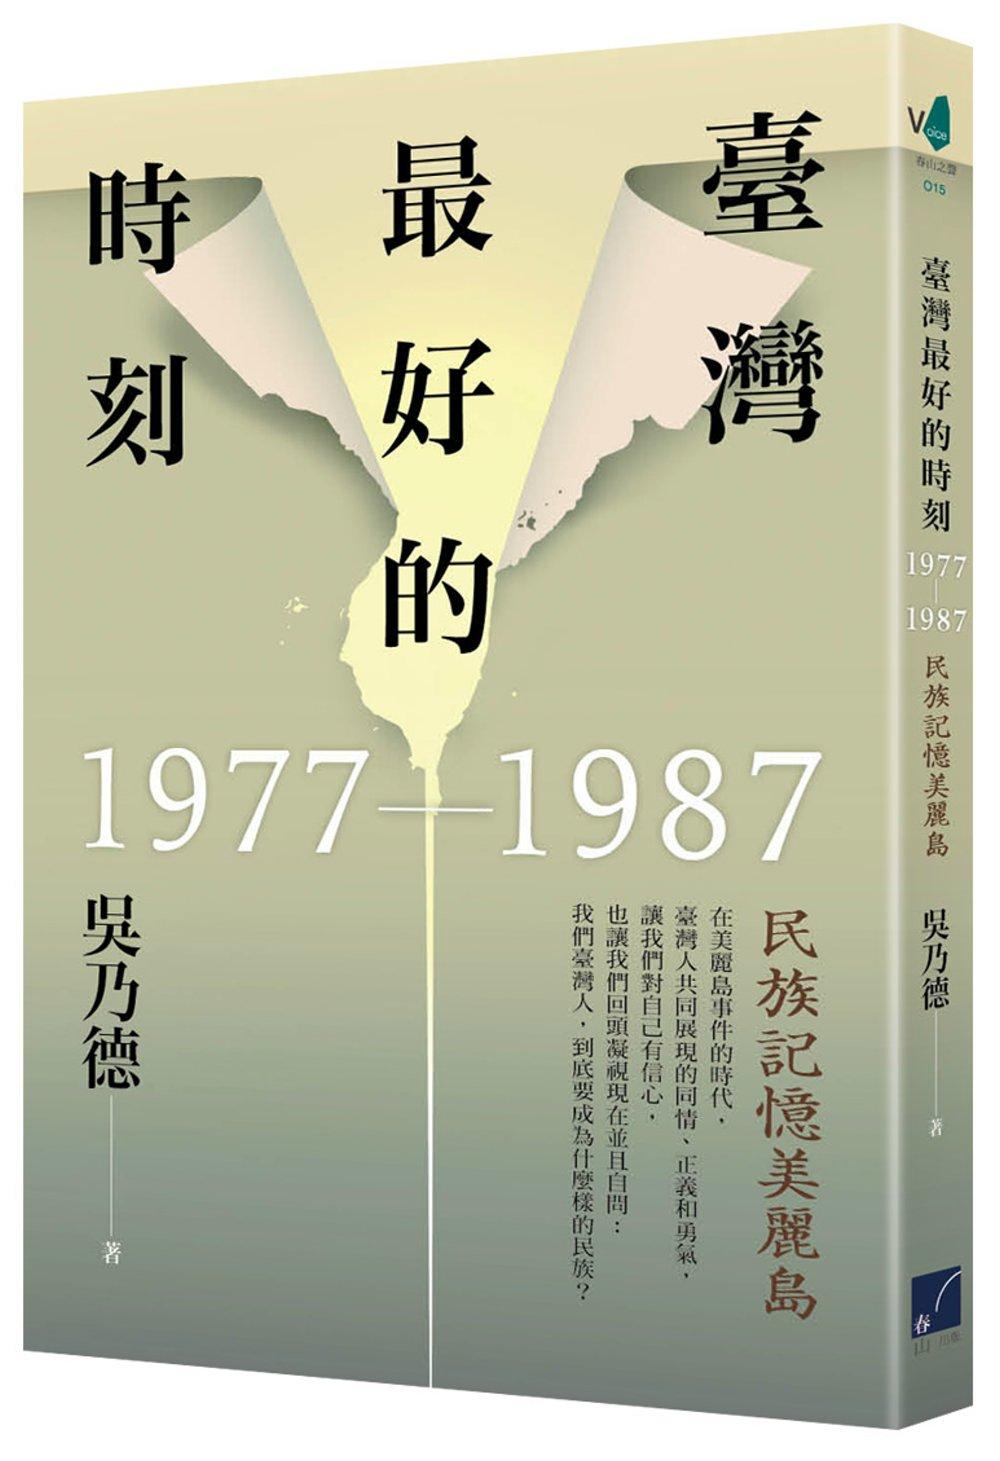 臺灣最好的時刻,1977-1987:民族記憶美麗島